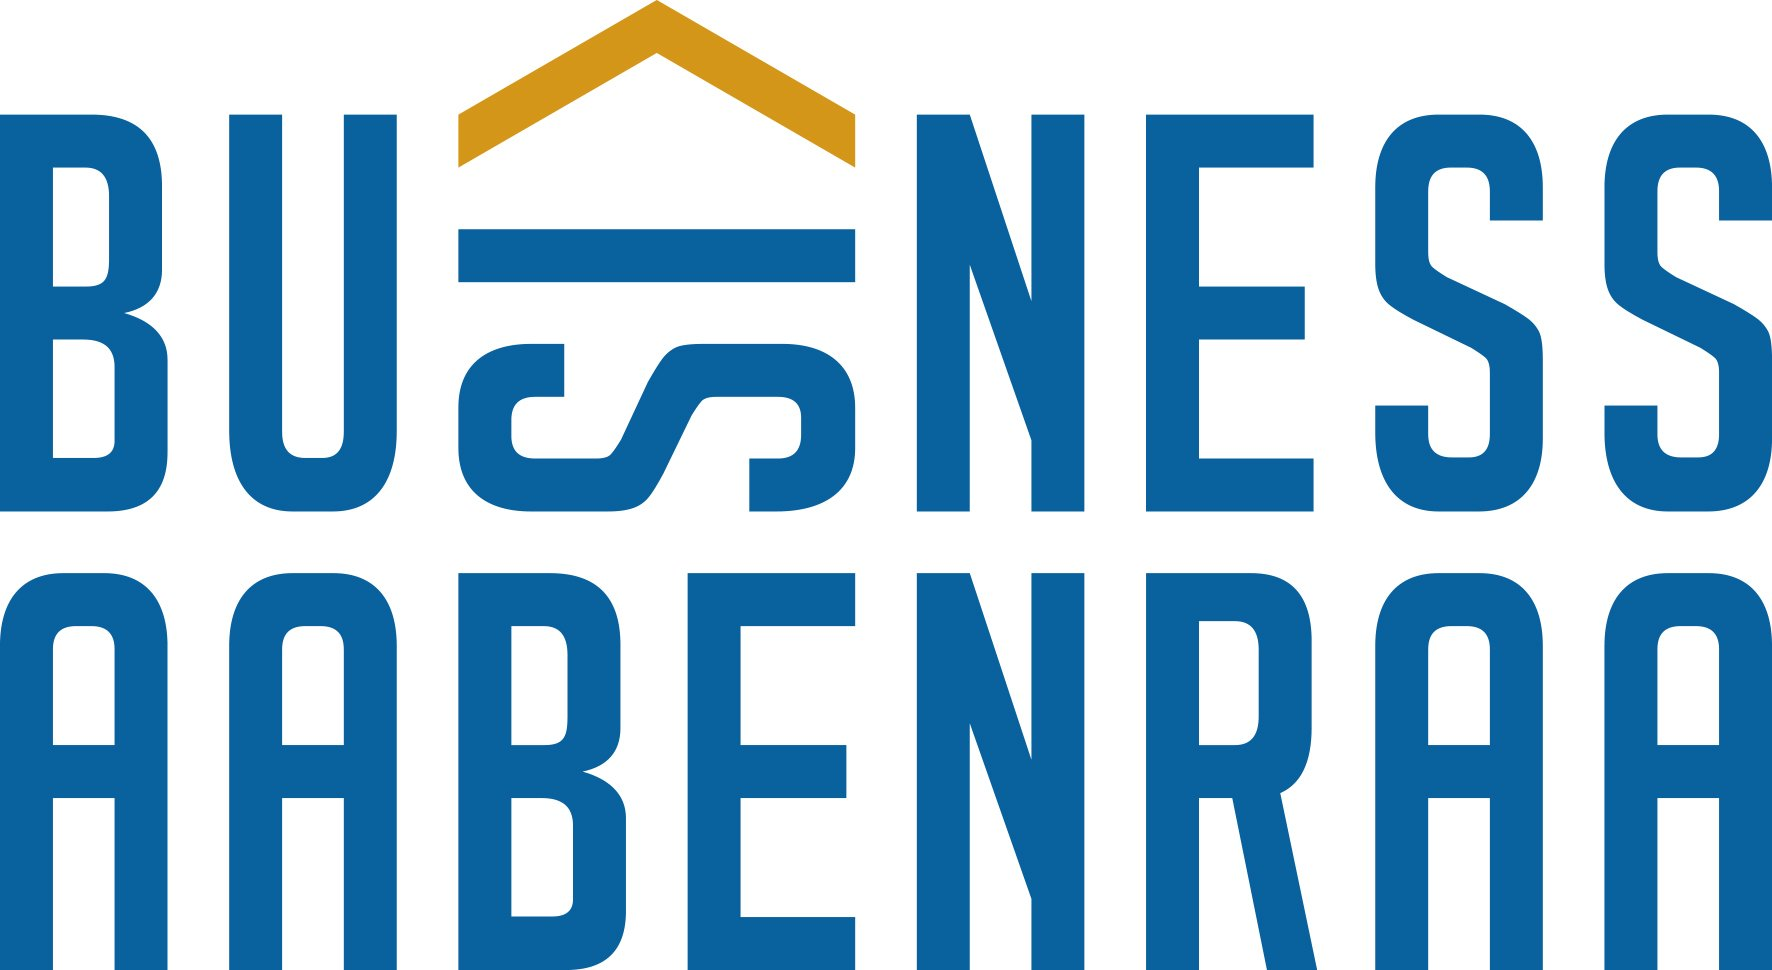 Business Aabenraa logo